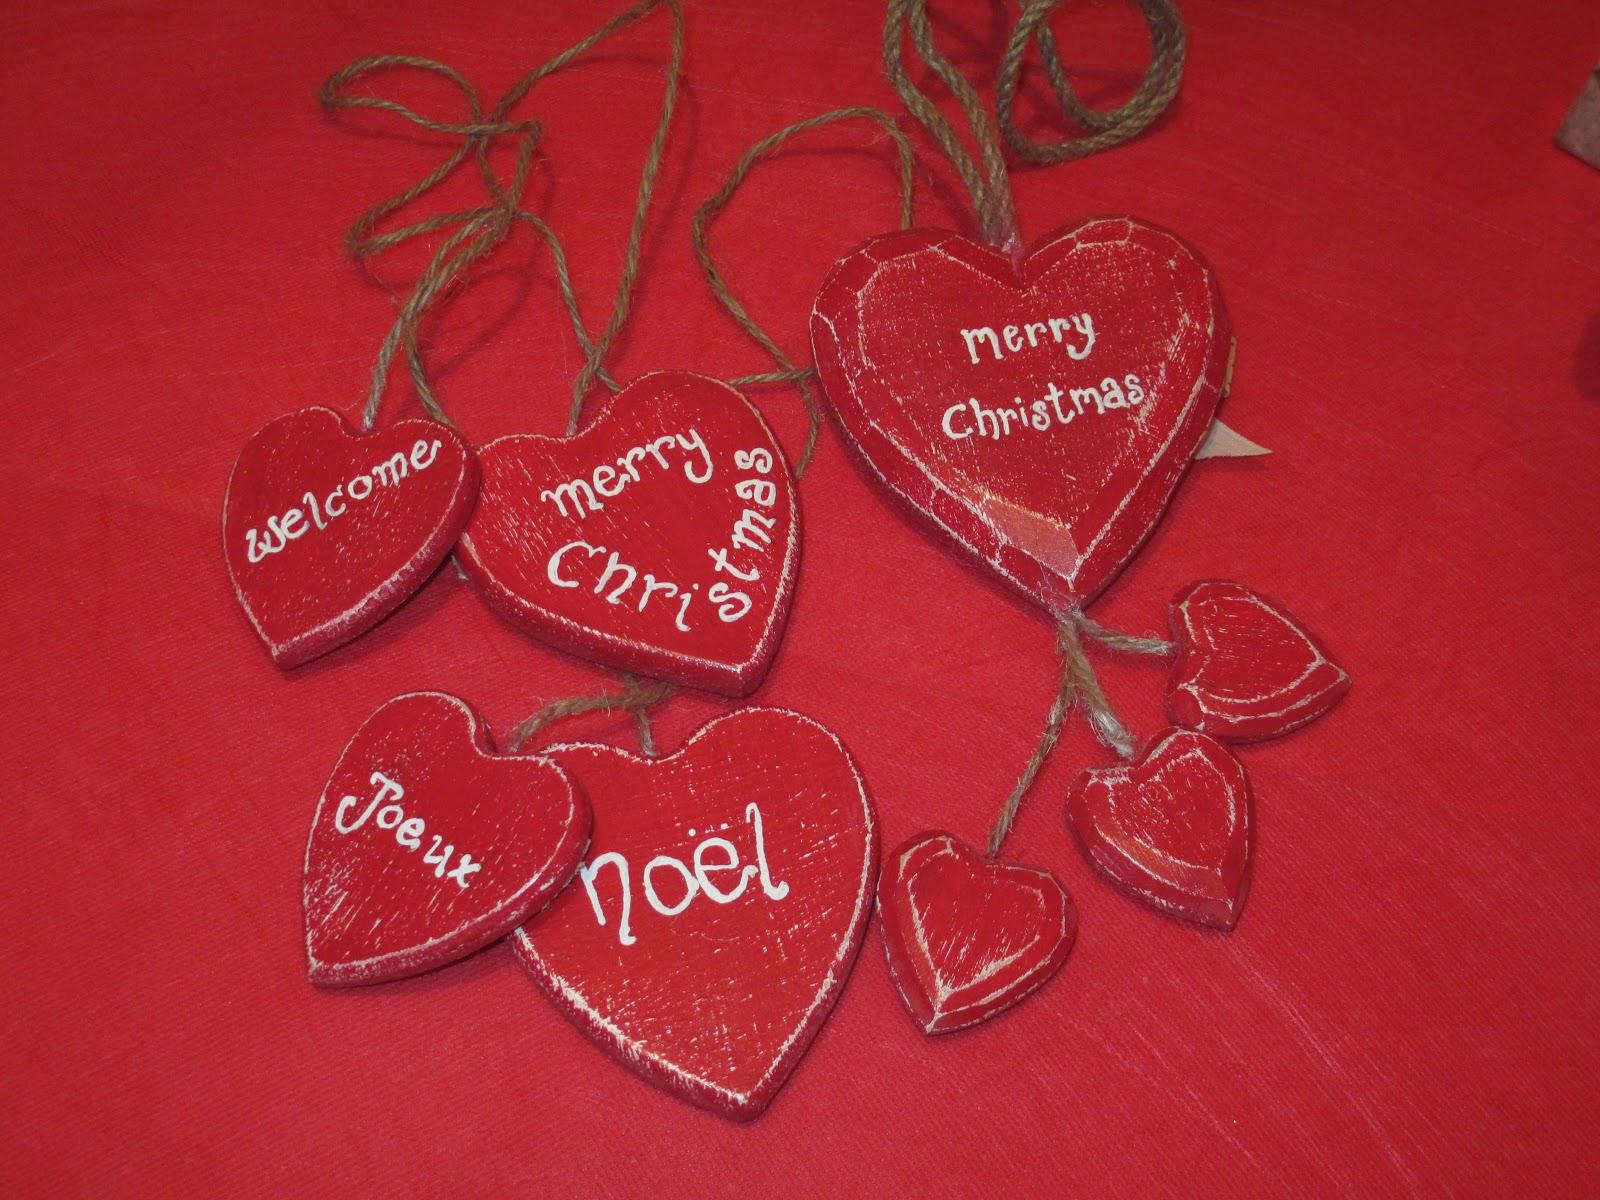 cuori di legno, red hearts, regalino fai da te per natale, regalo handmade